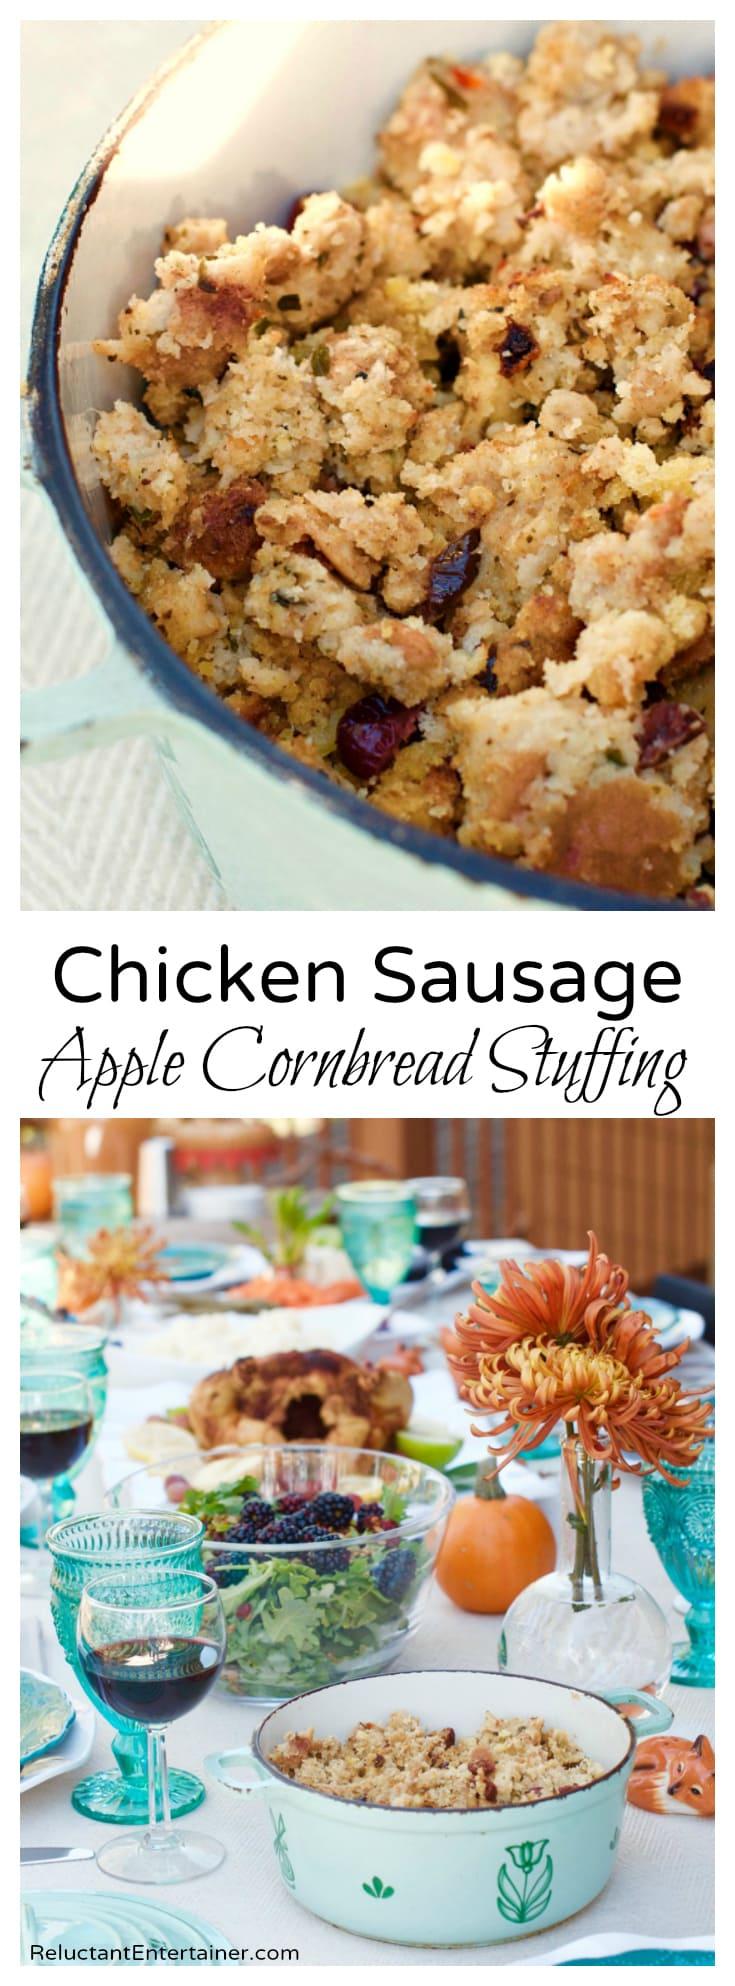 Chicken Sausage Apple Cornbread Stuffing